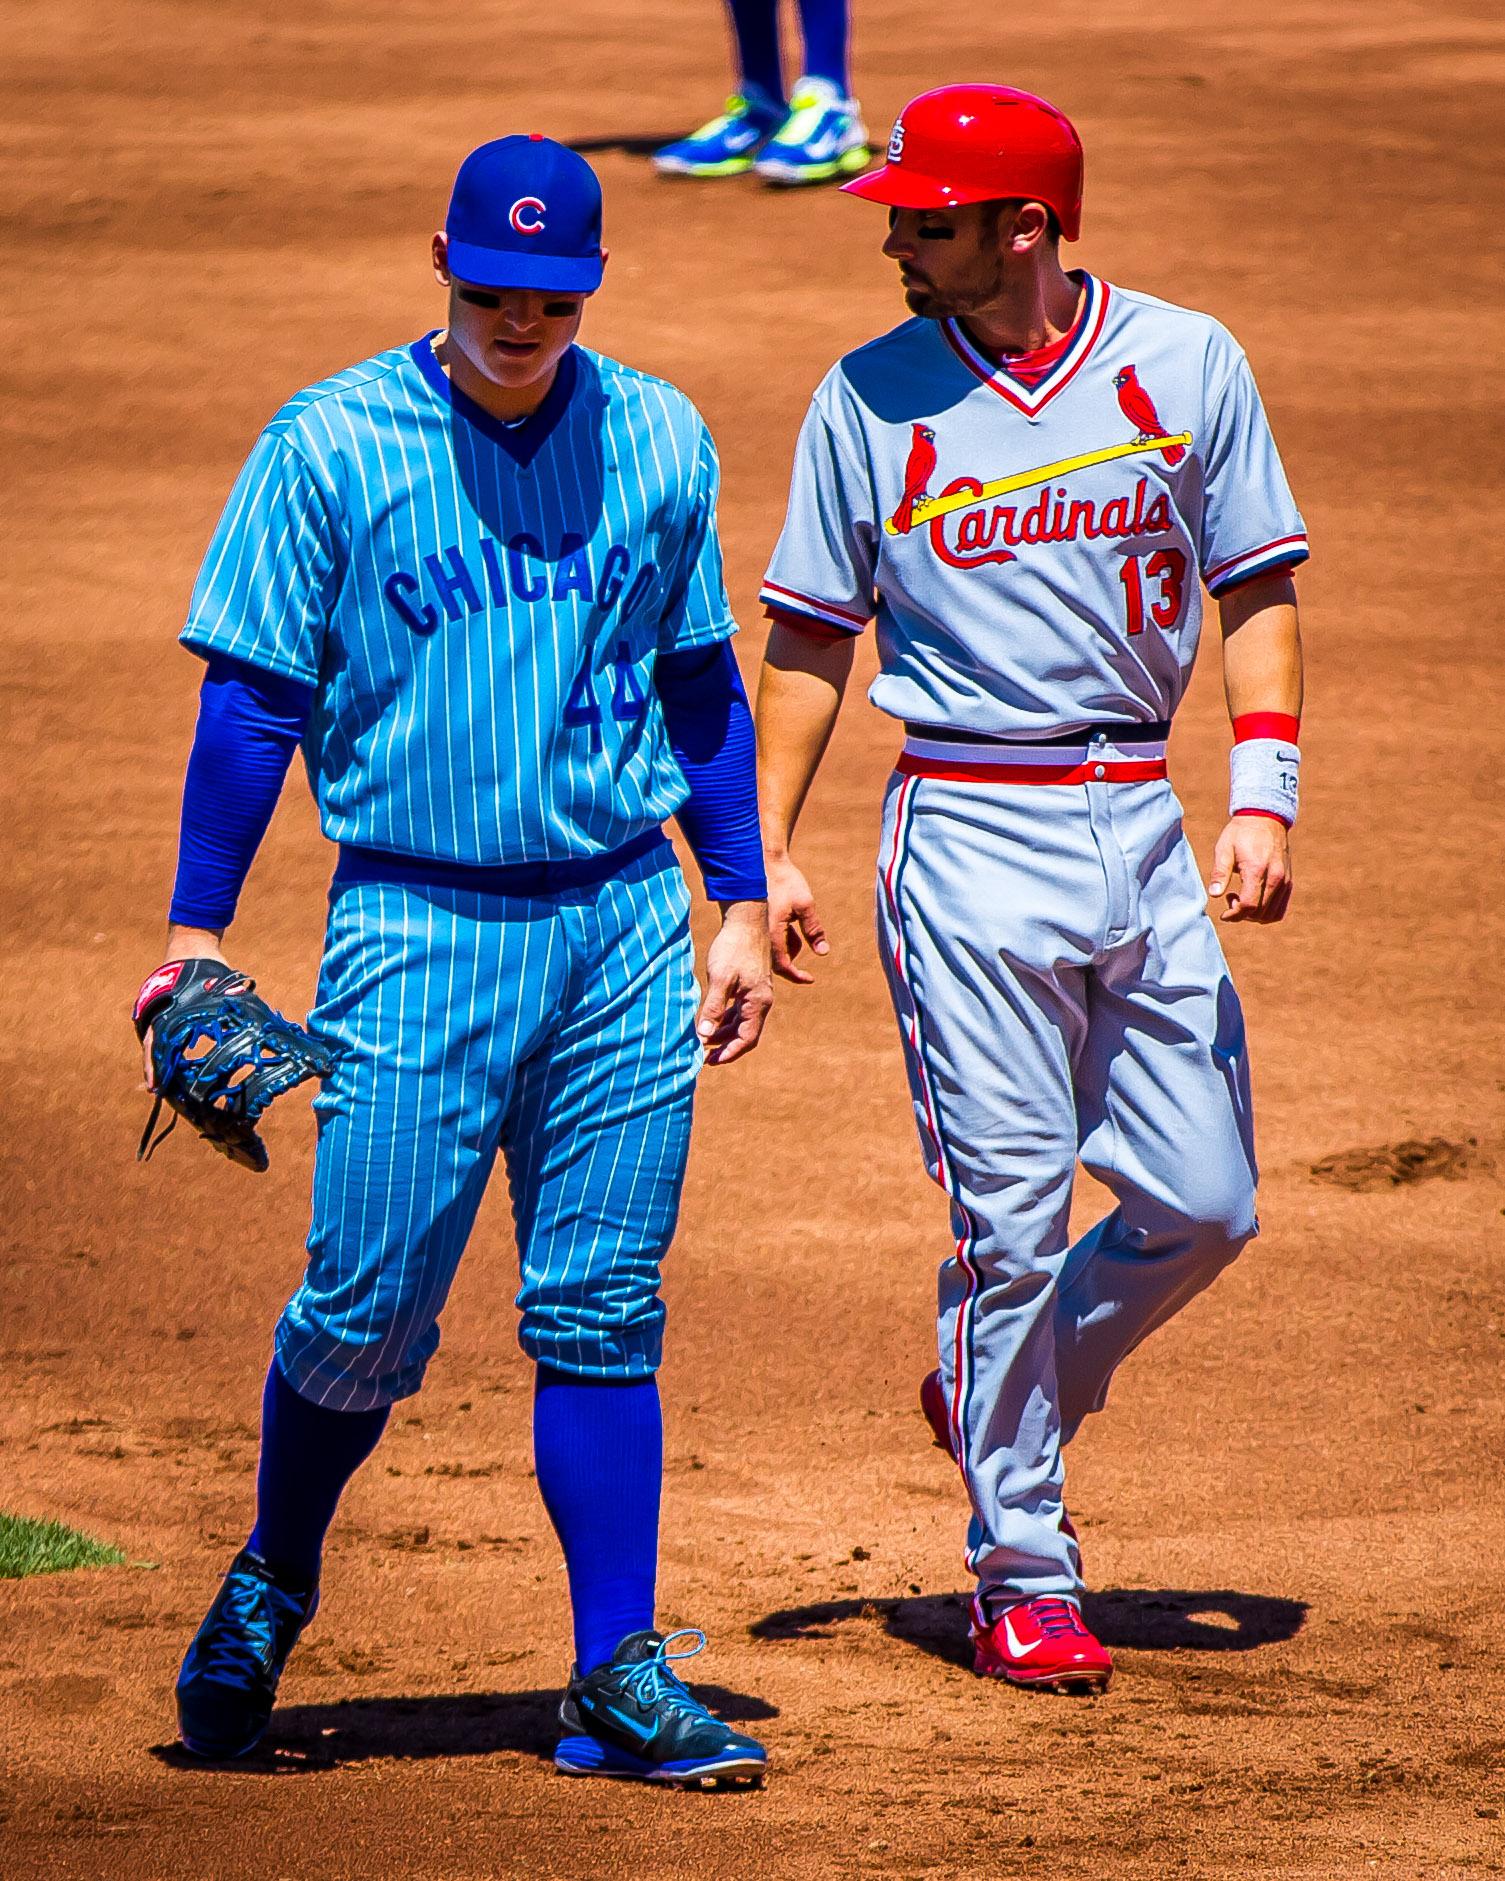 Rizzo and Carpenter